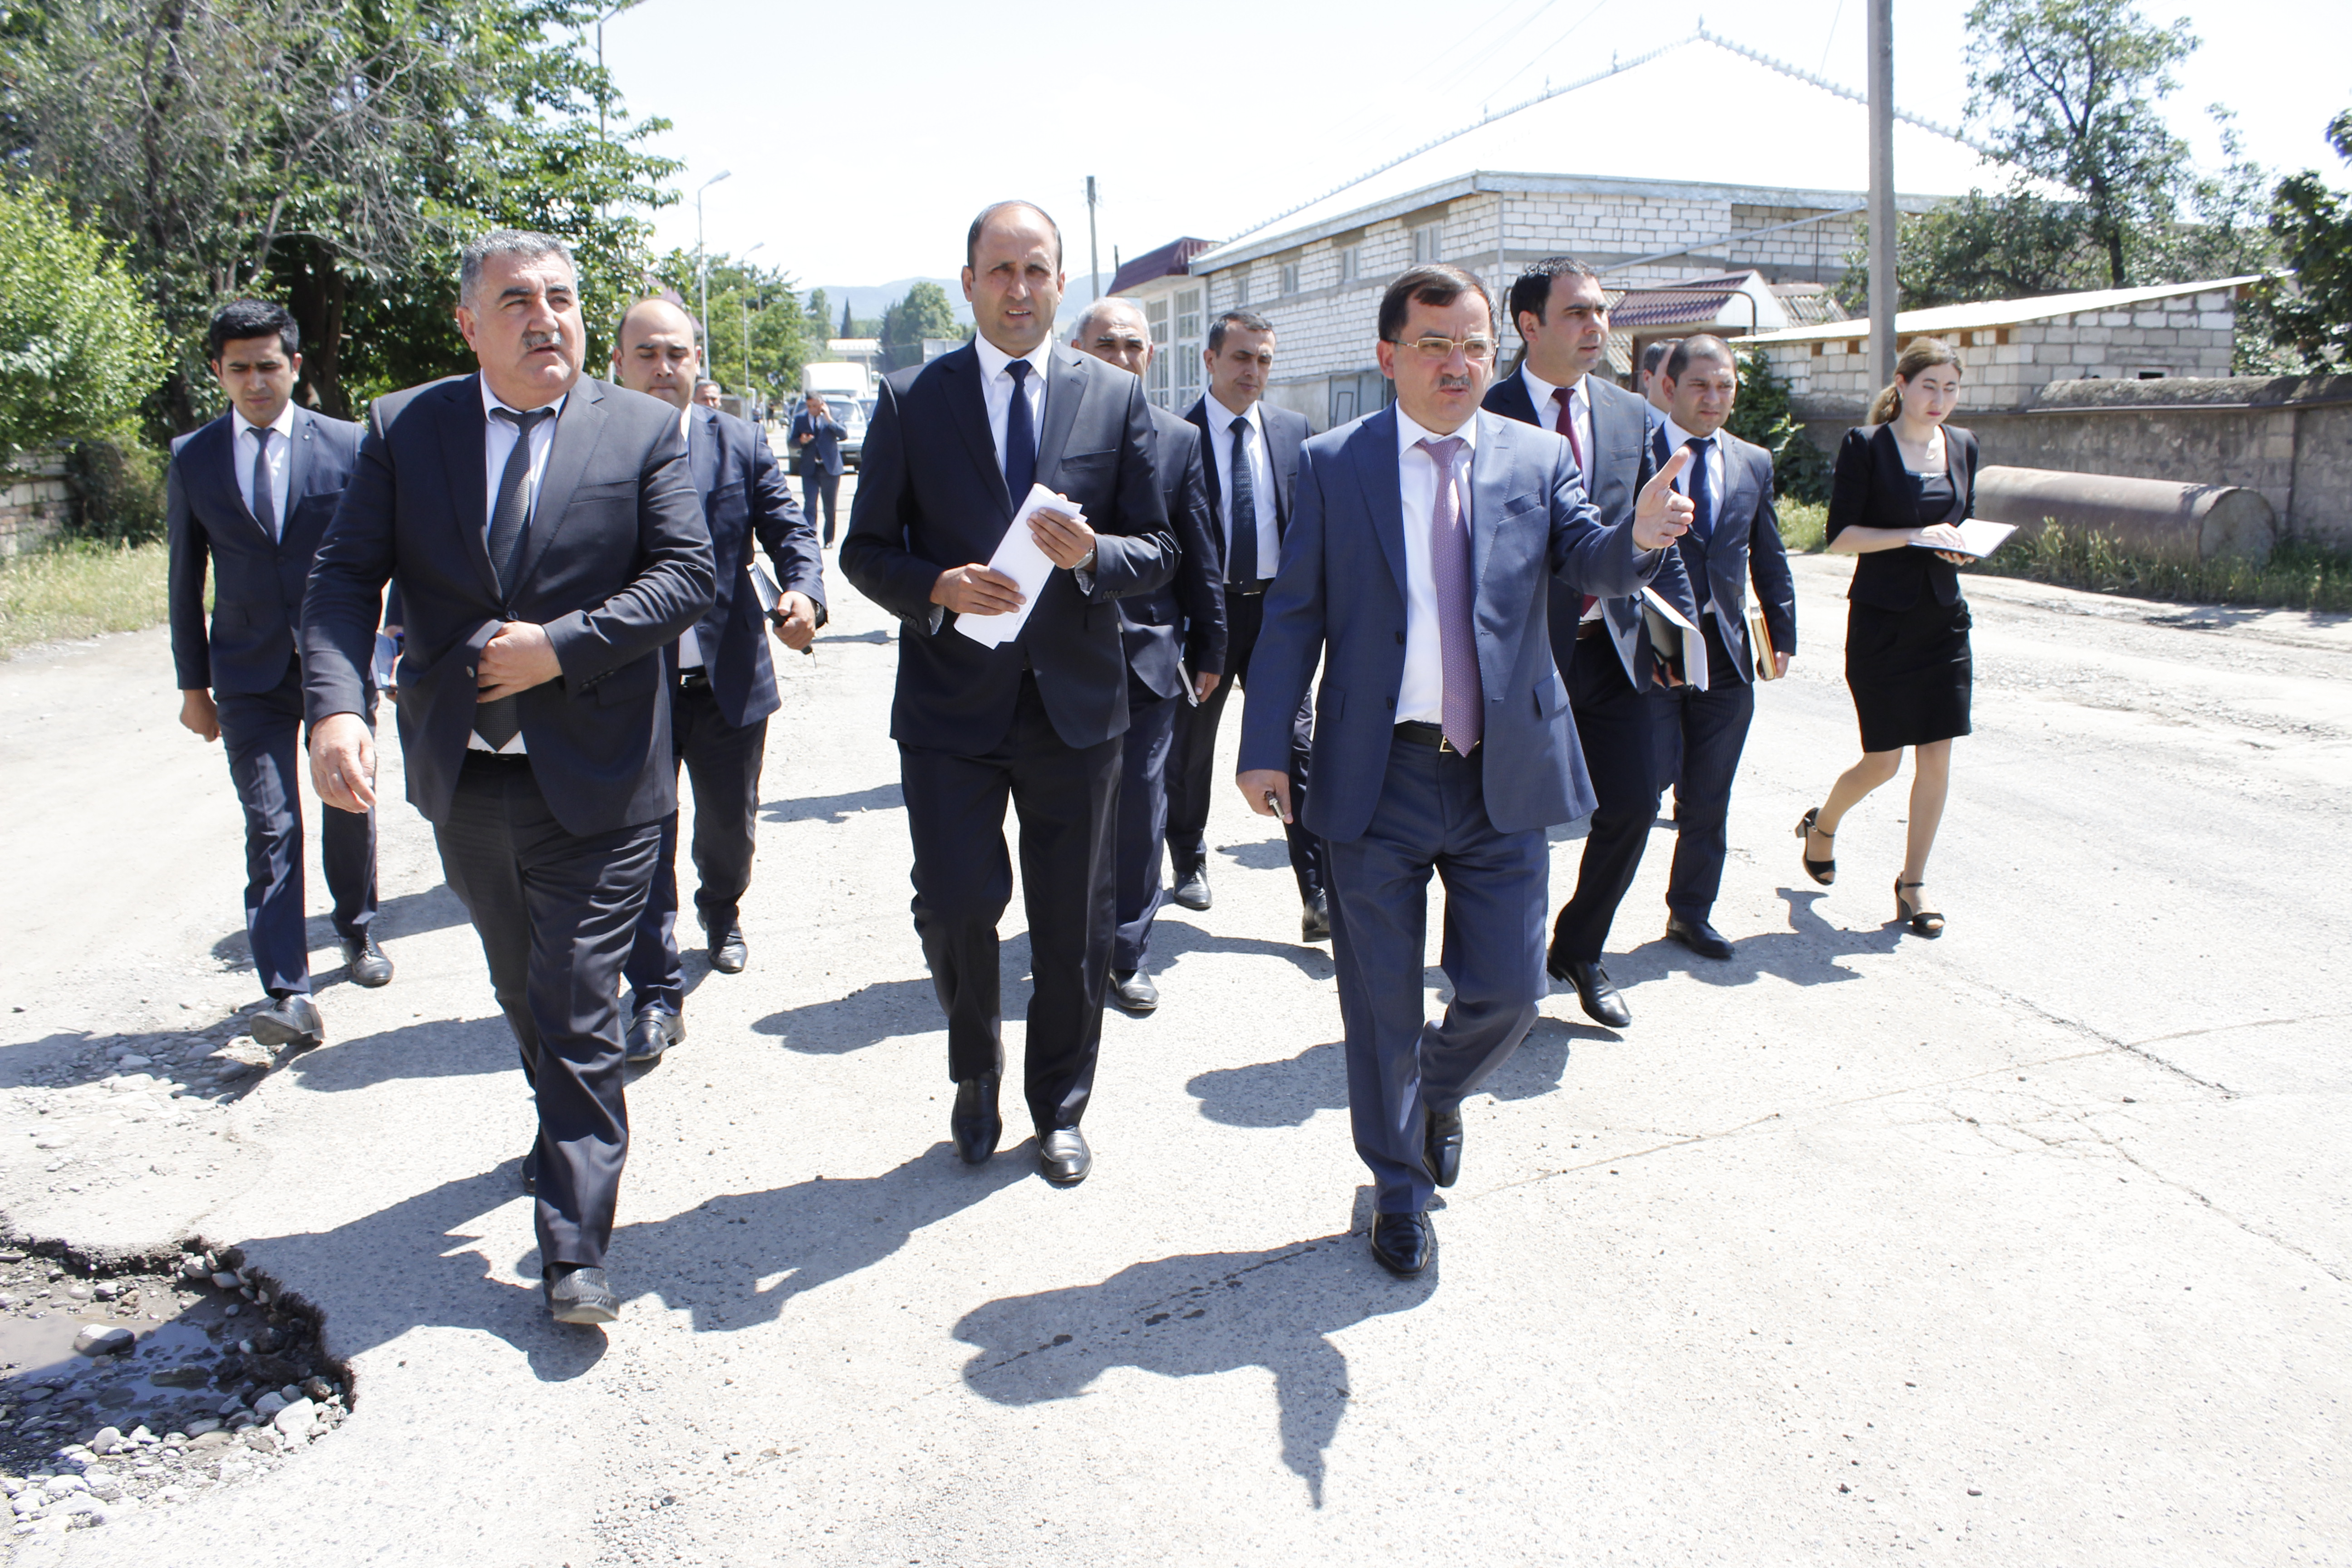 Yol infrastrukturunun inkişafı istiqamətində həyata keçirilən məqsədyönlü tədbirlər Qazax rayonunda uğurla davam etdirilir